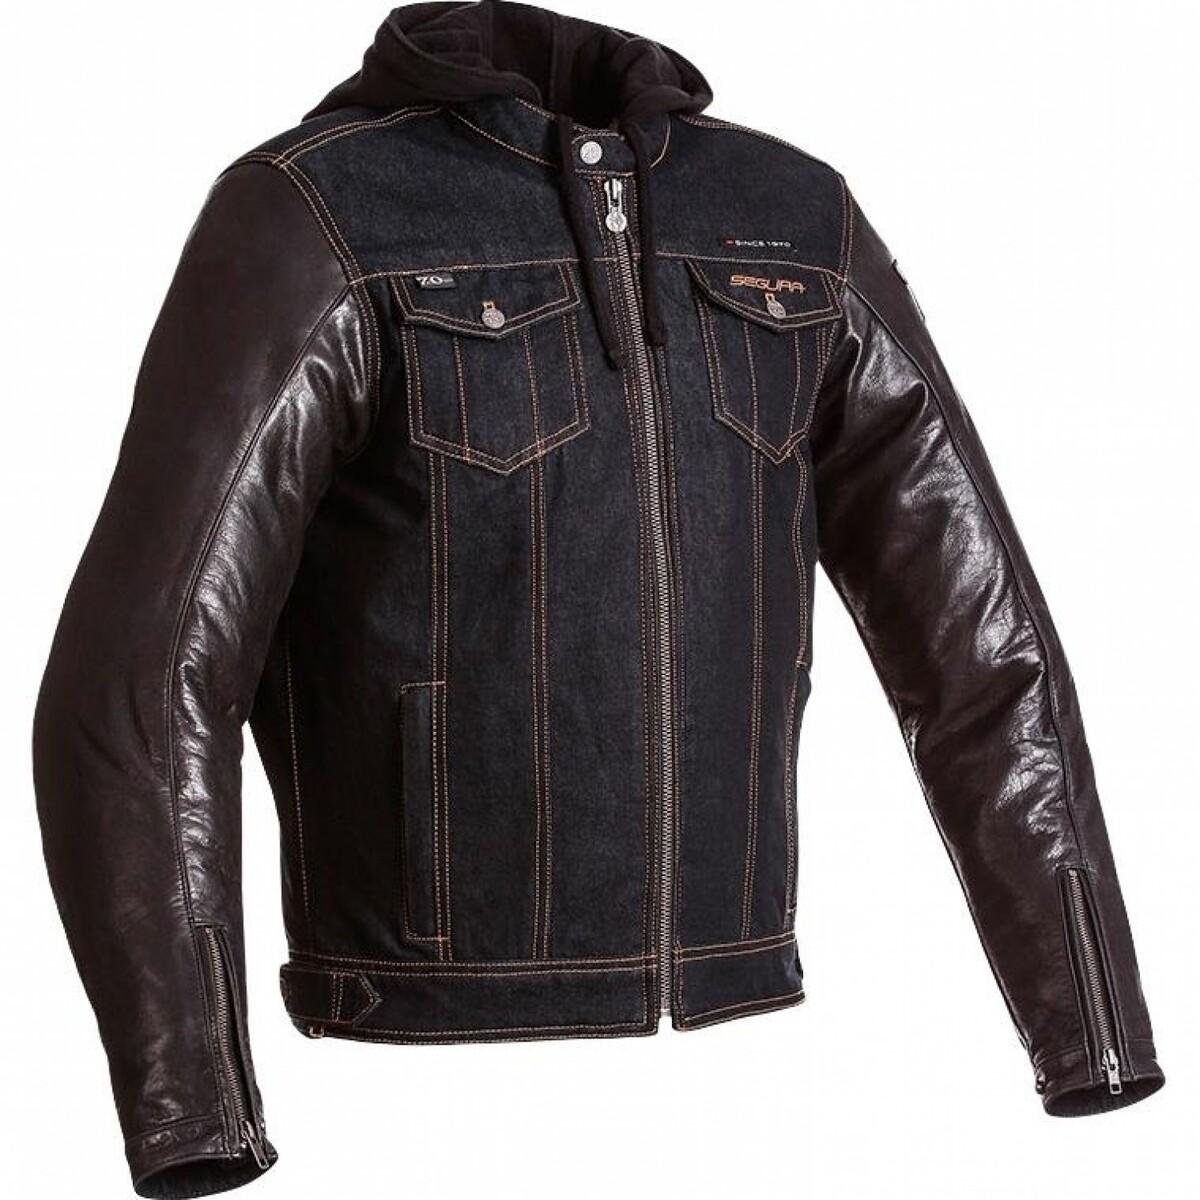 Bild 1 von Segura Veloce Leder-/Textiljacke blau Herren Größe L